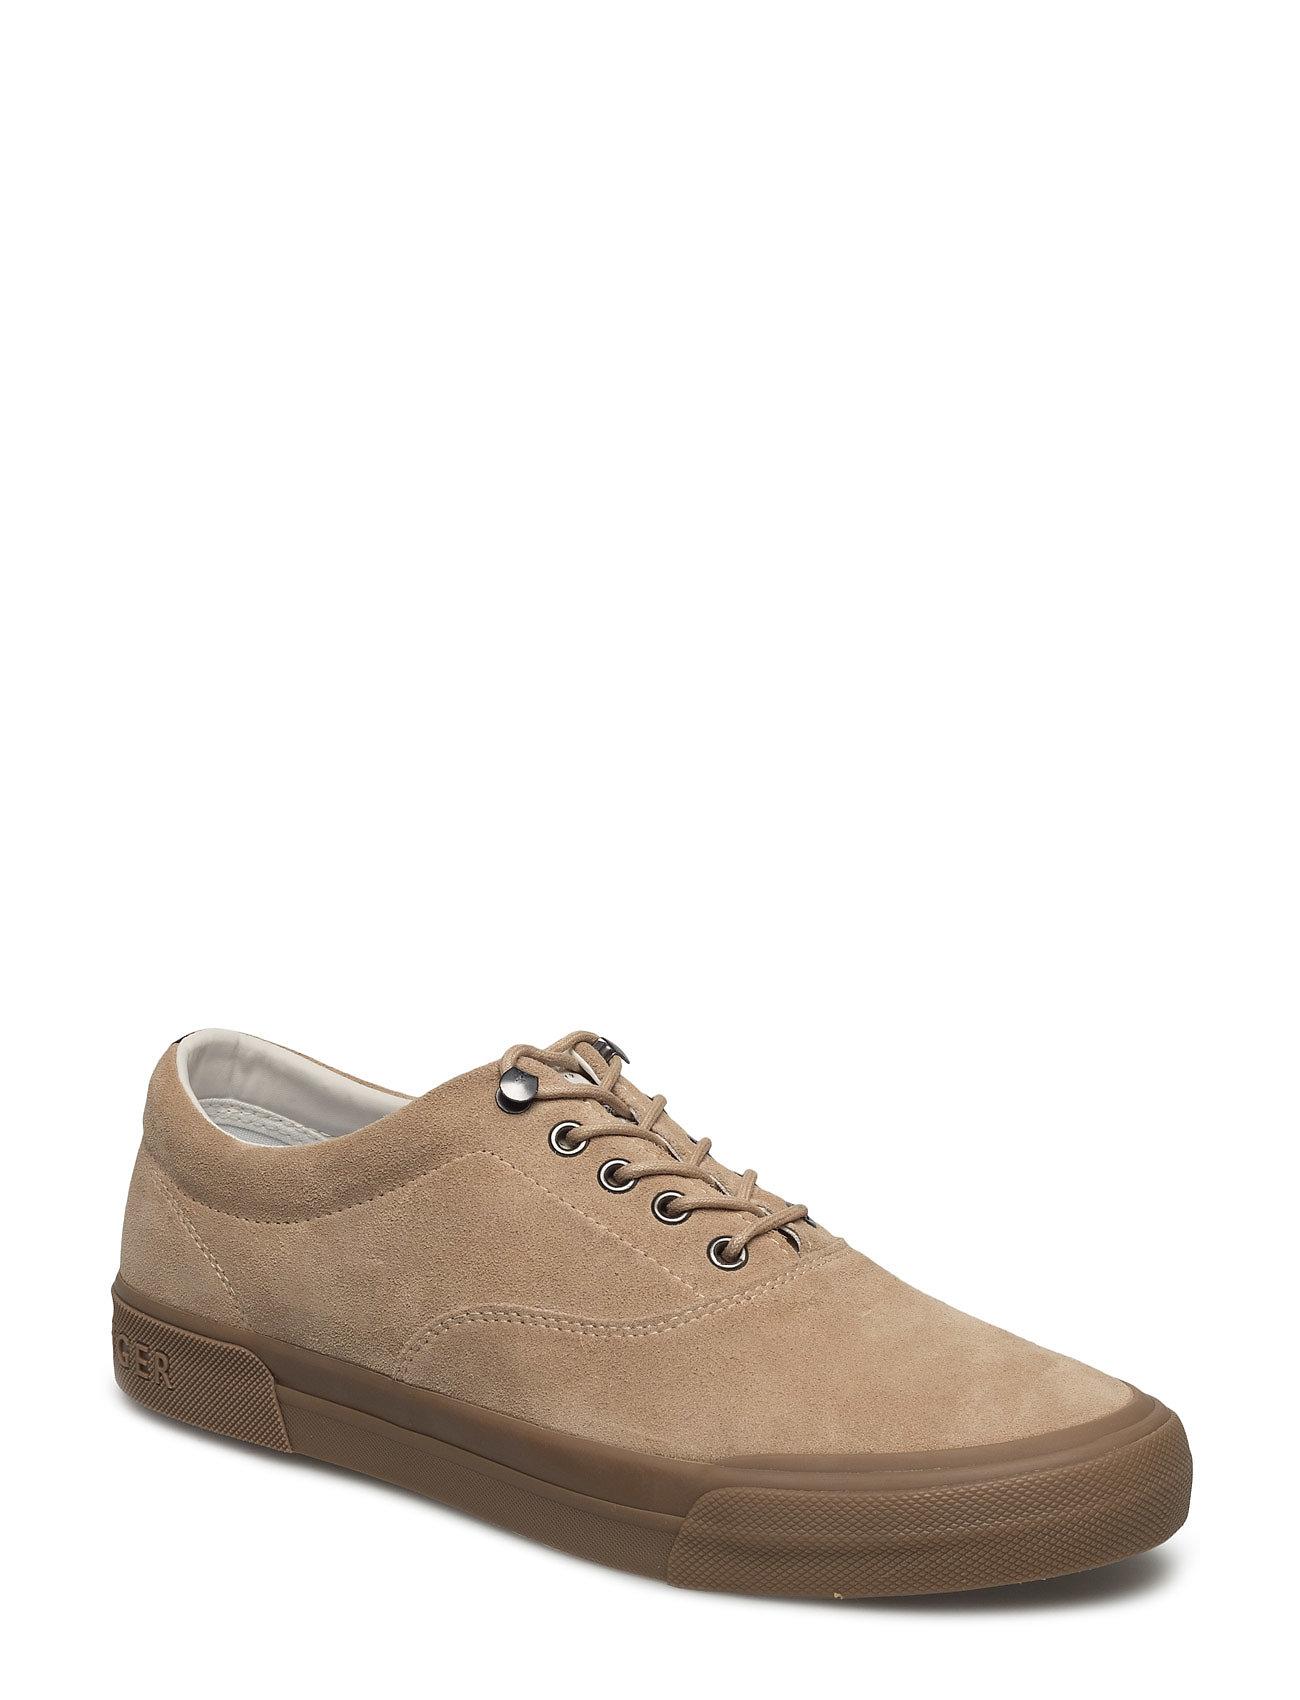 Y2285armouth 1b Tommy Hilfiger Sneakers til Herrer i